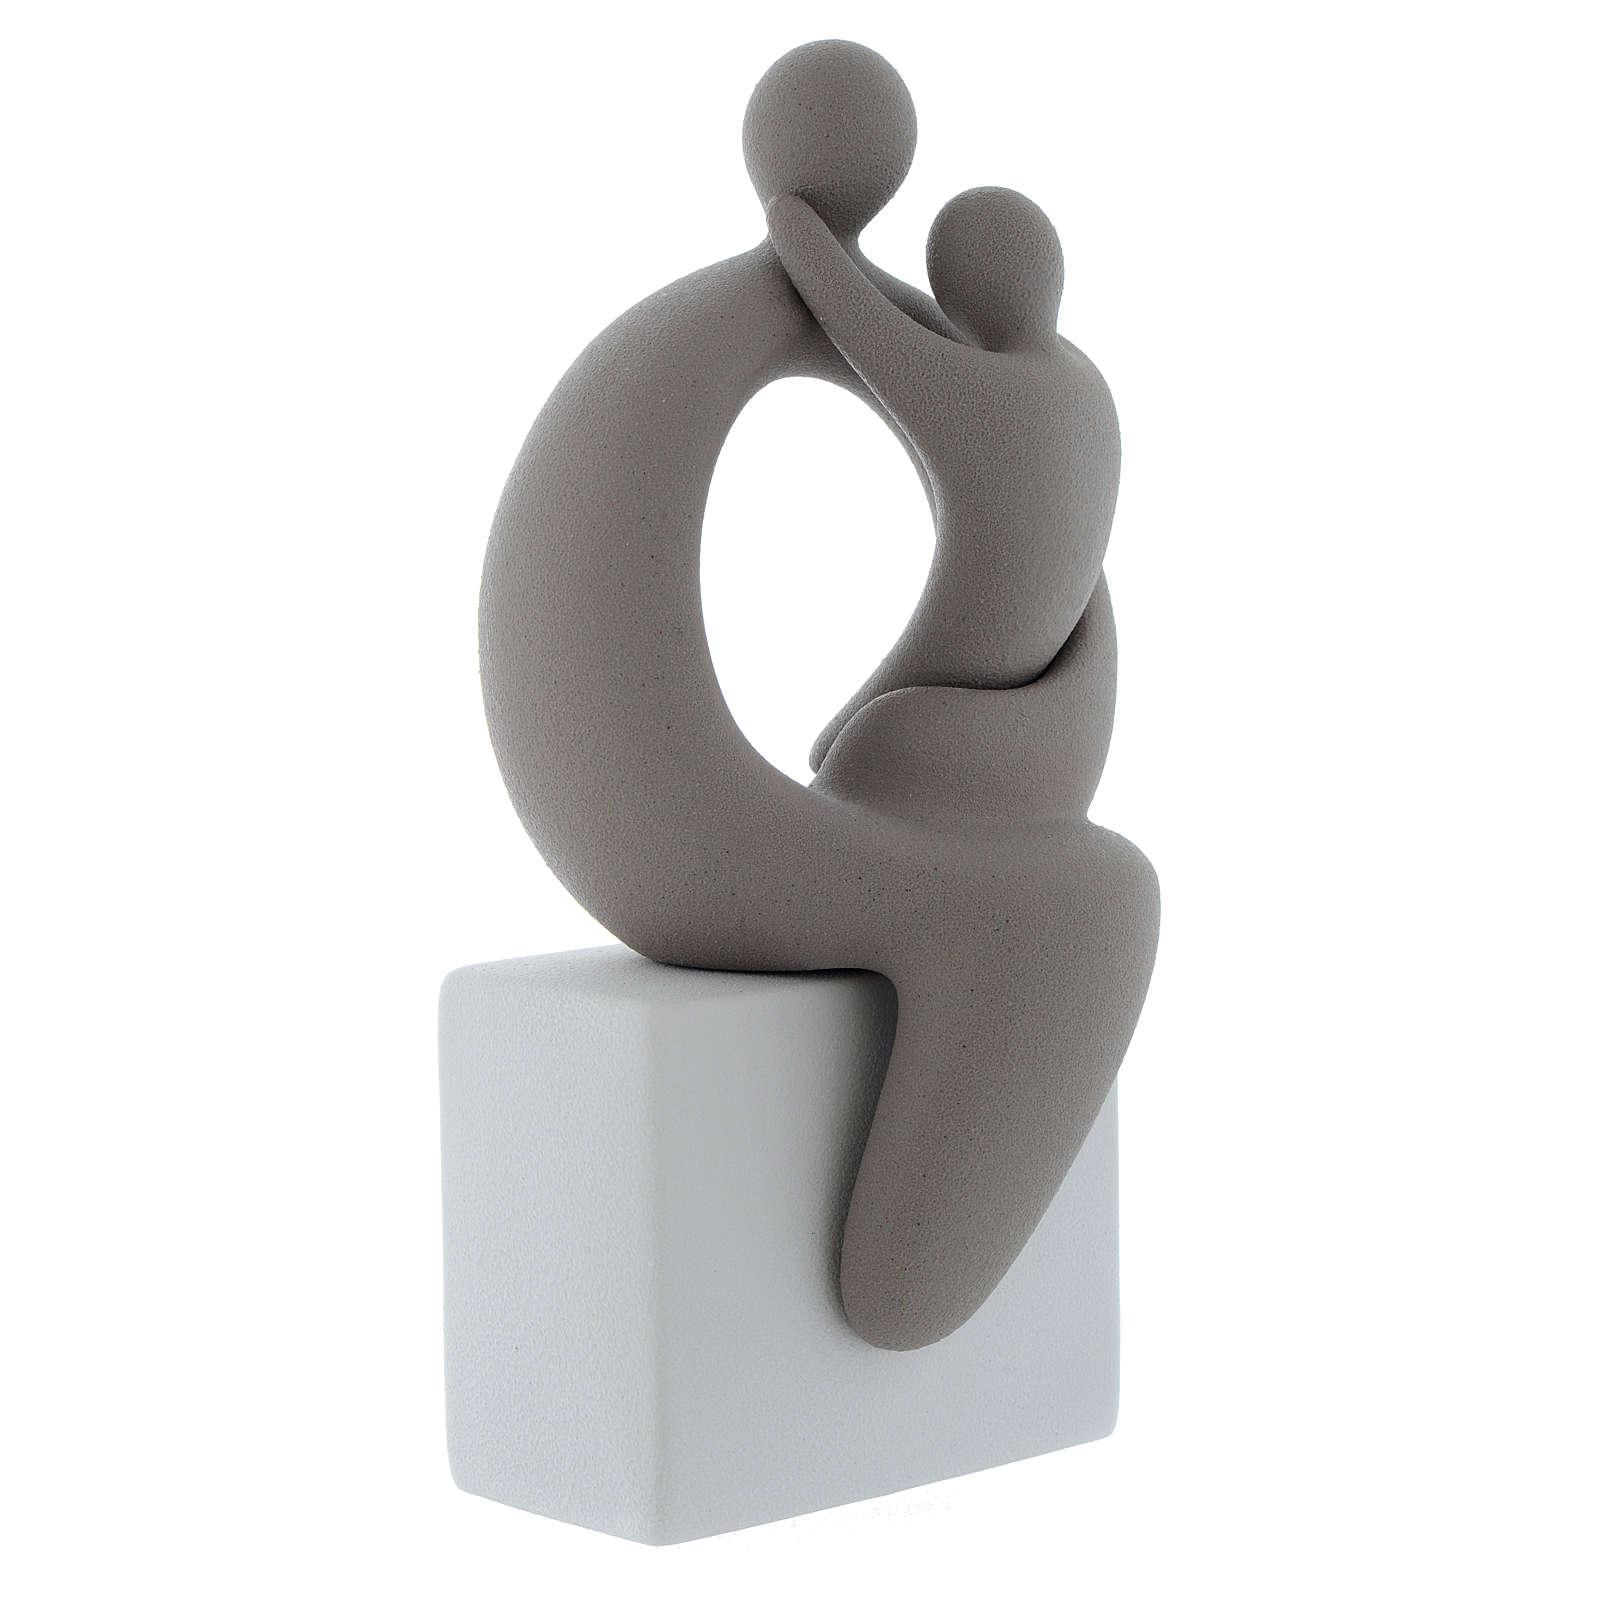 Maternità grigia con base bianca gres porcellanato 27 cm 4